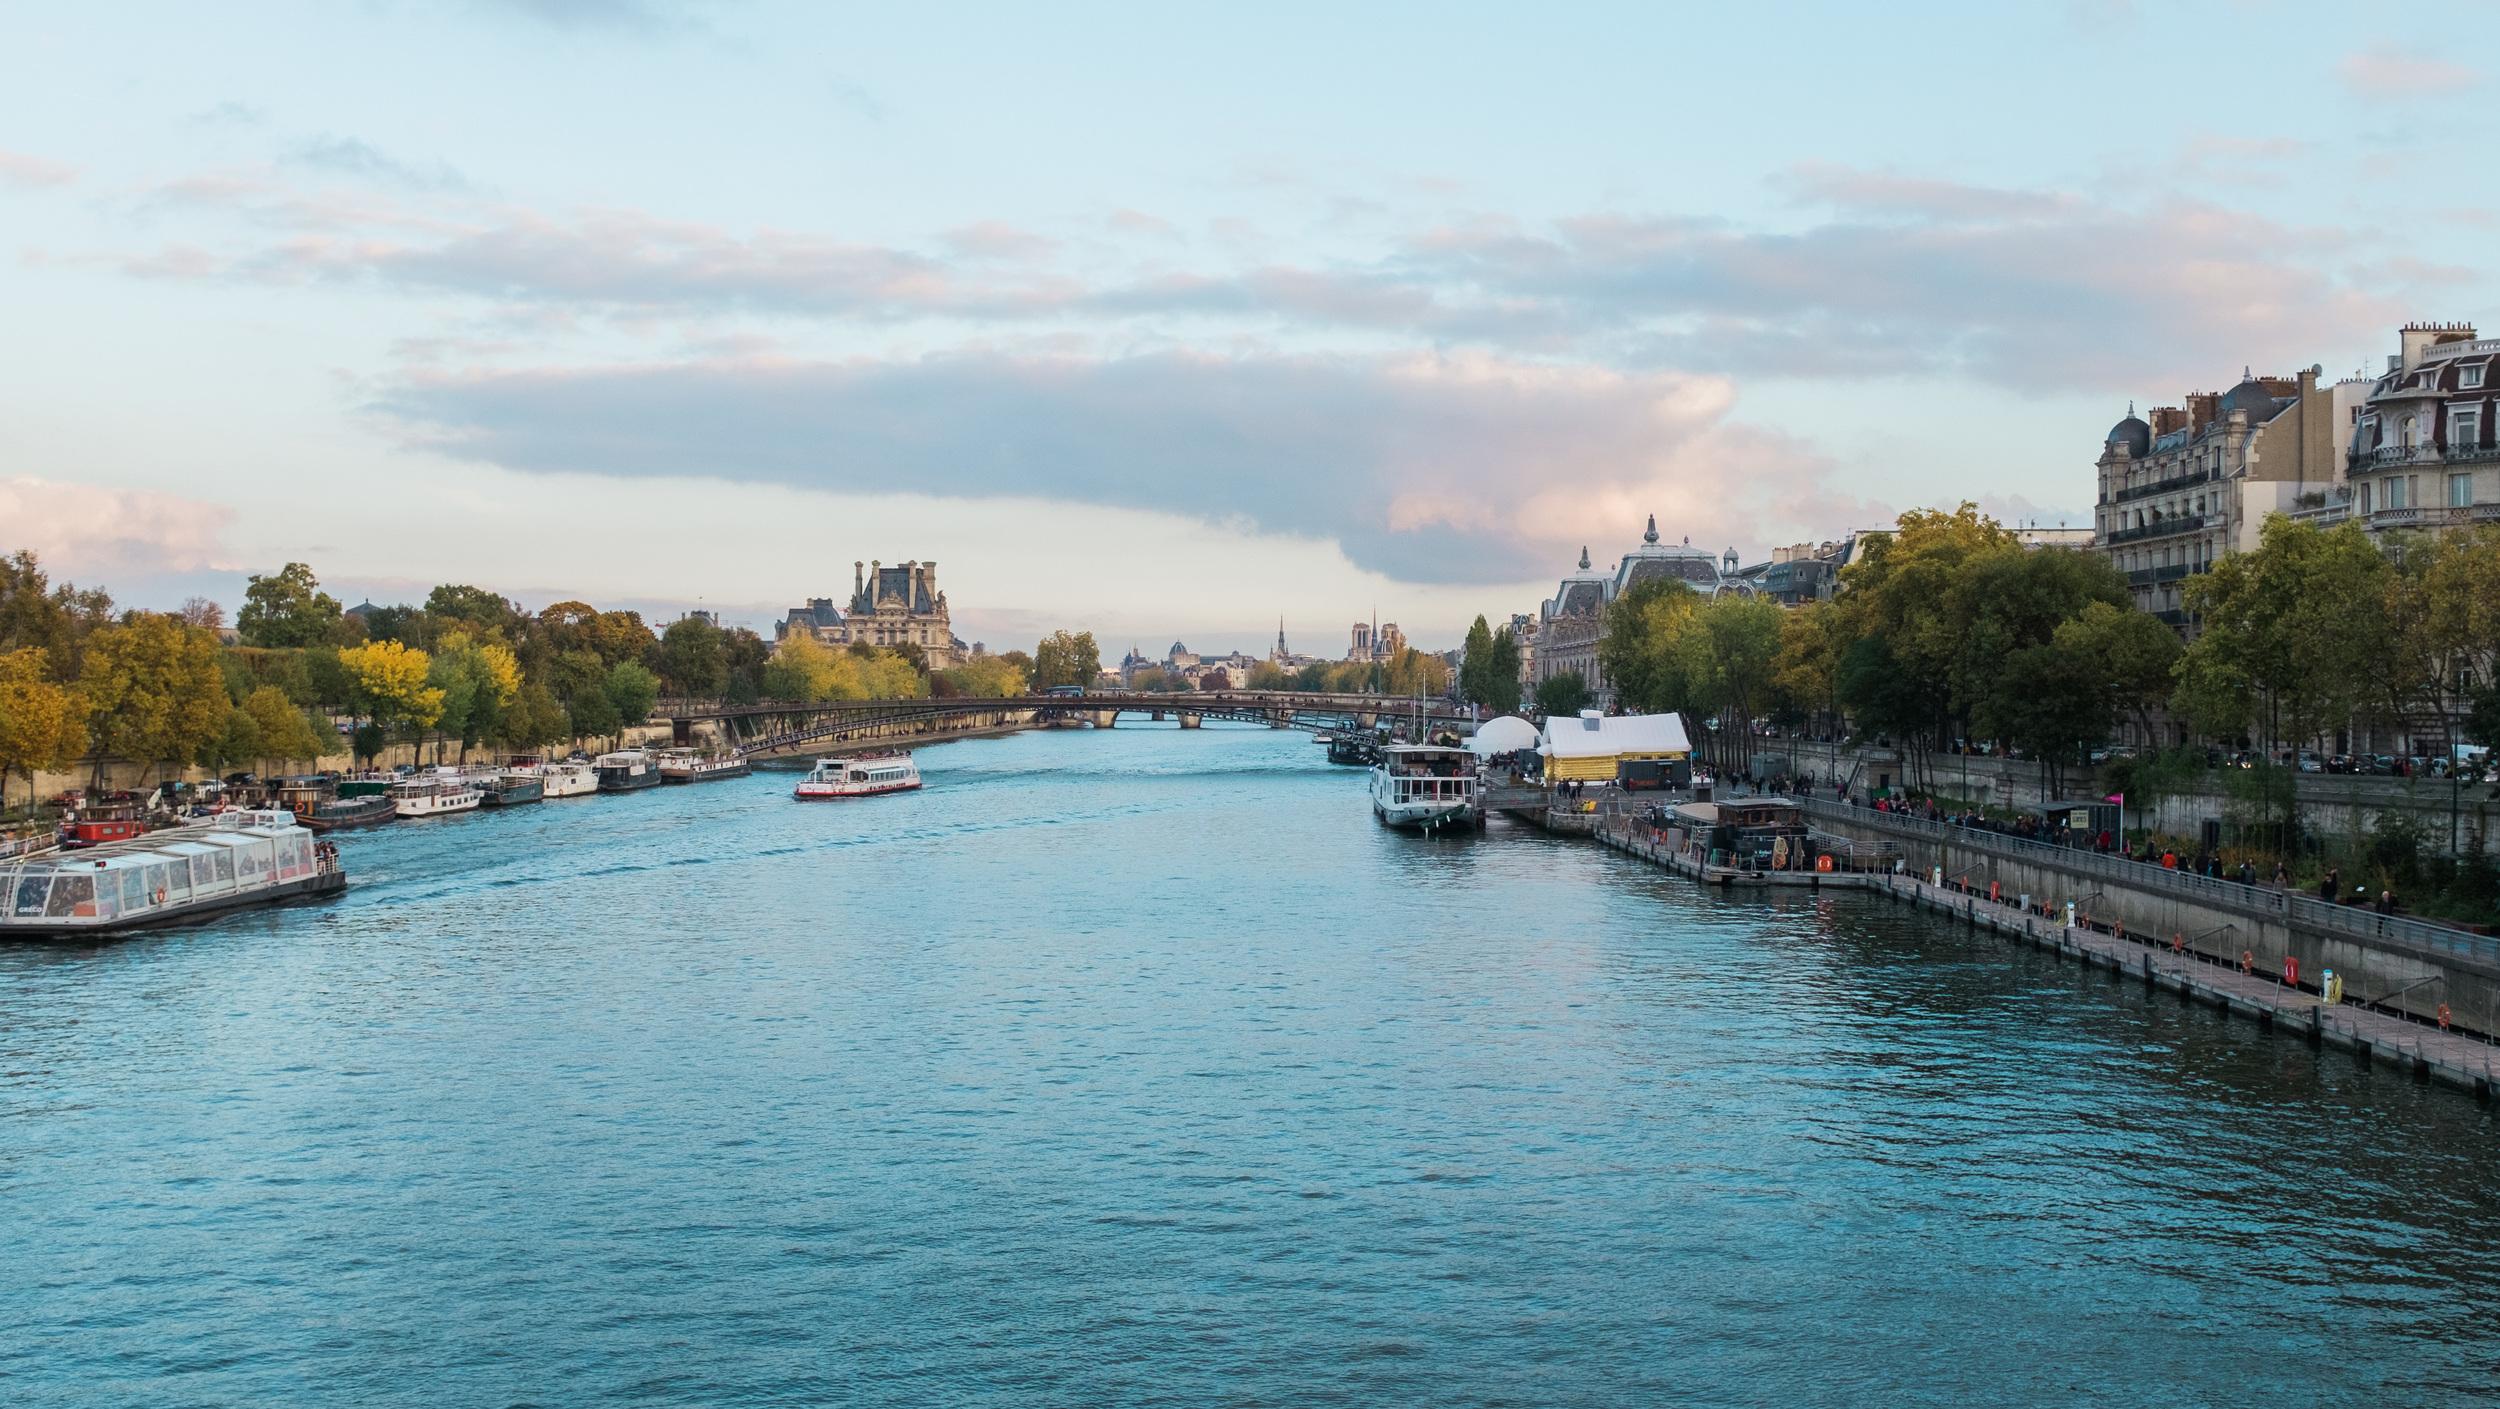 london-britian-cambridge-stmalo-mont-saint-michel-france-normandy-paris-081.jpg